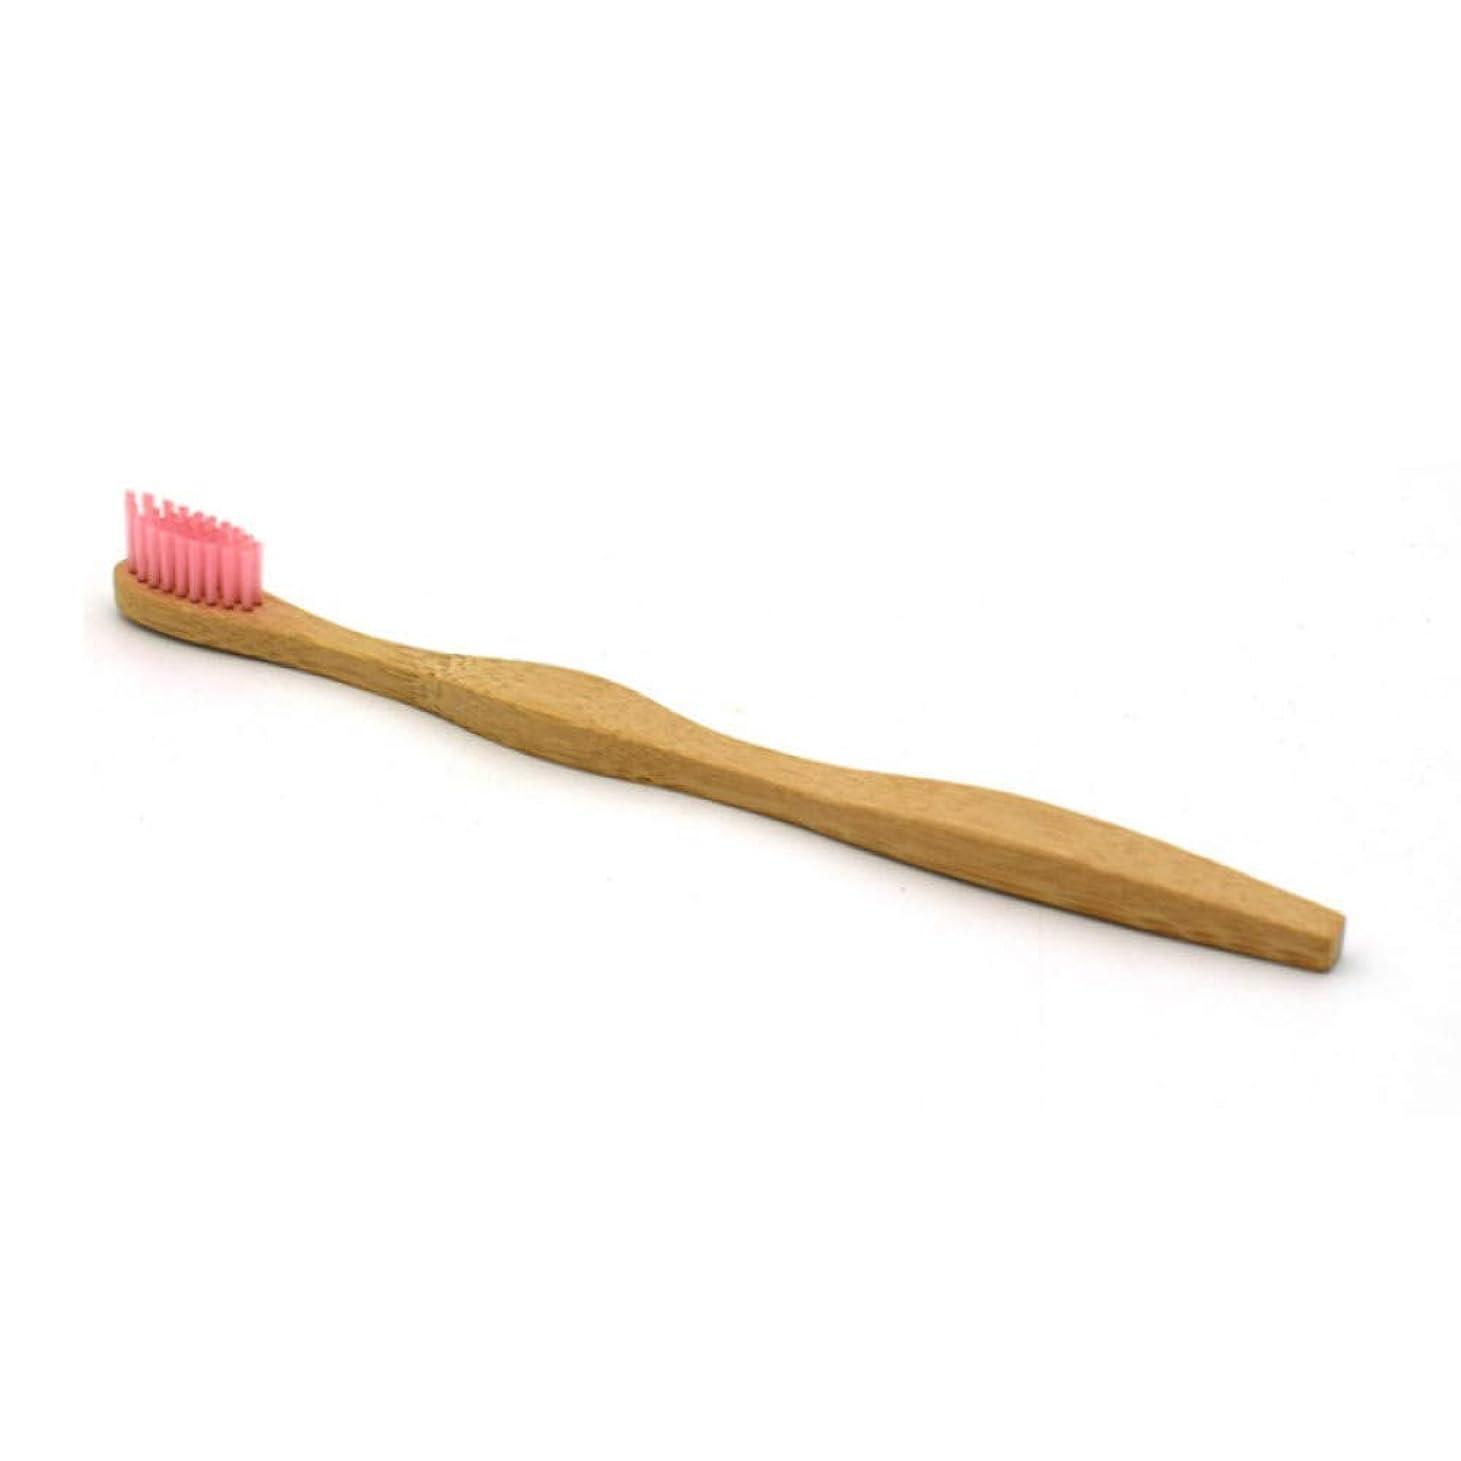 ハーフ比較ぎこちない1ピースオーラルケアヘッド竹歯ブラシ卸売環境木製レインボー竹歯ブラシ柔らかい毛、大人、ピンク